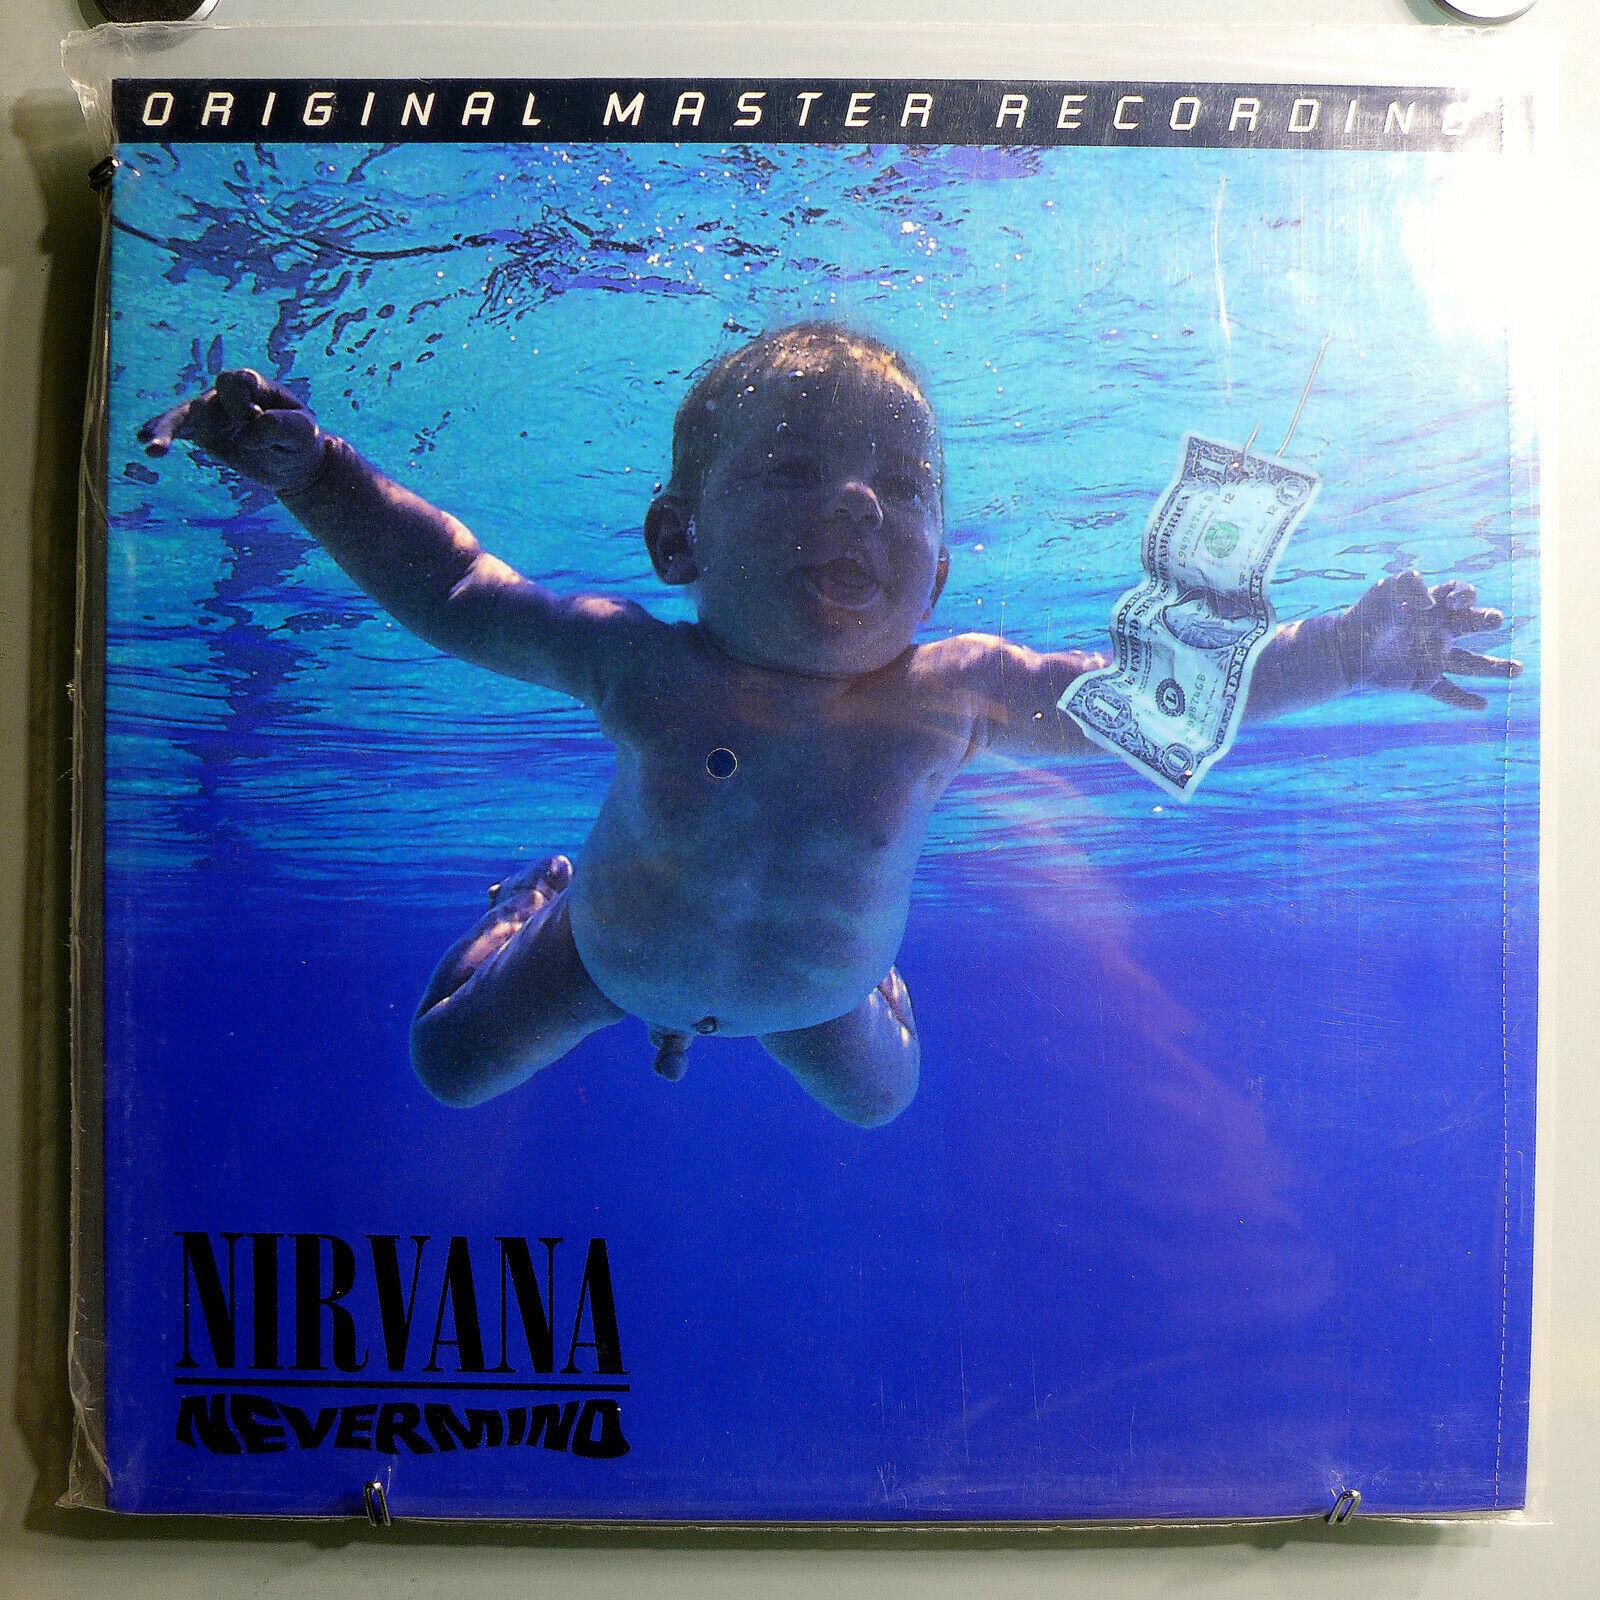 NIRVANA NEVERMIND RARE SEALED ORIG  96 MFSL  ED LTD EDITION 200gr AUDIOPHILE LP